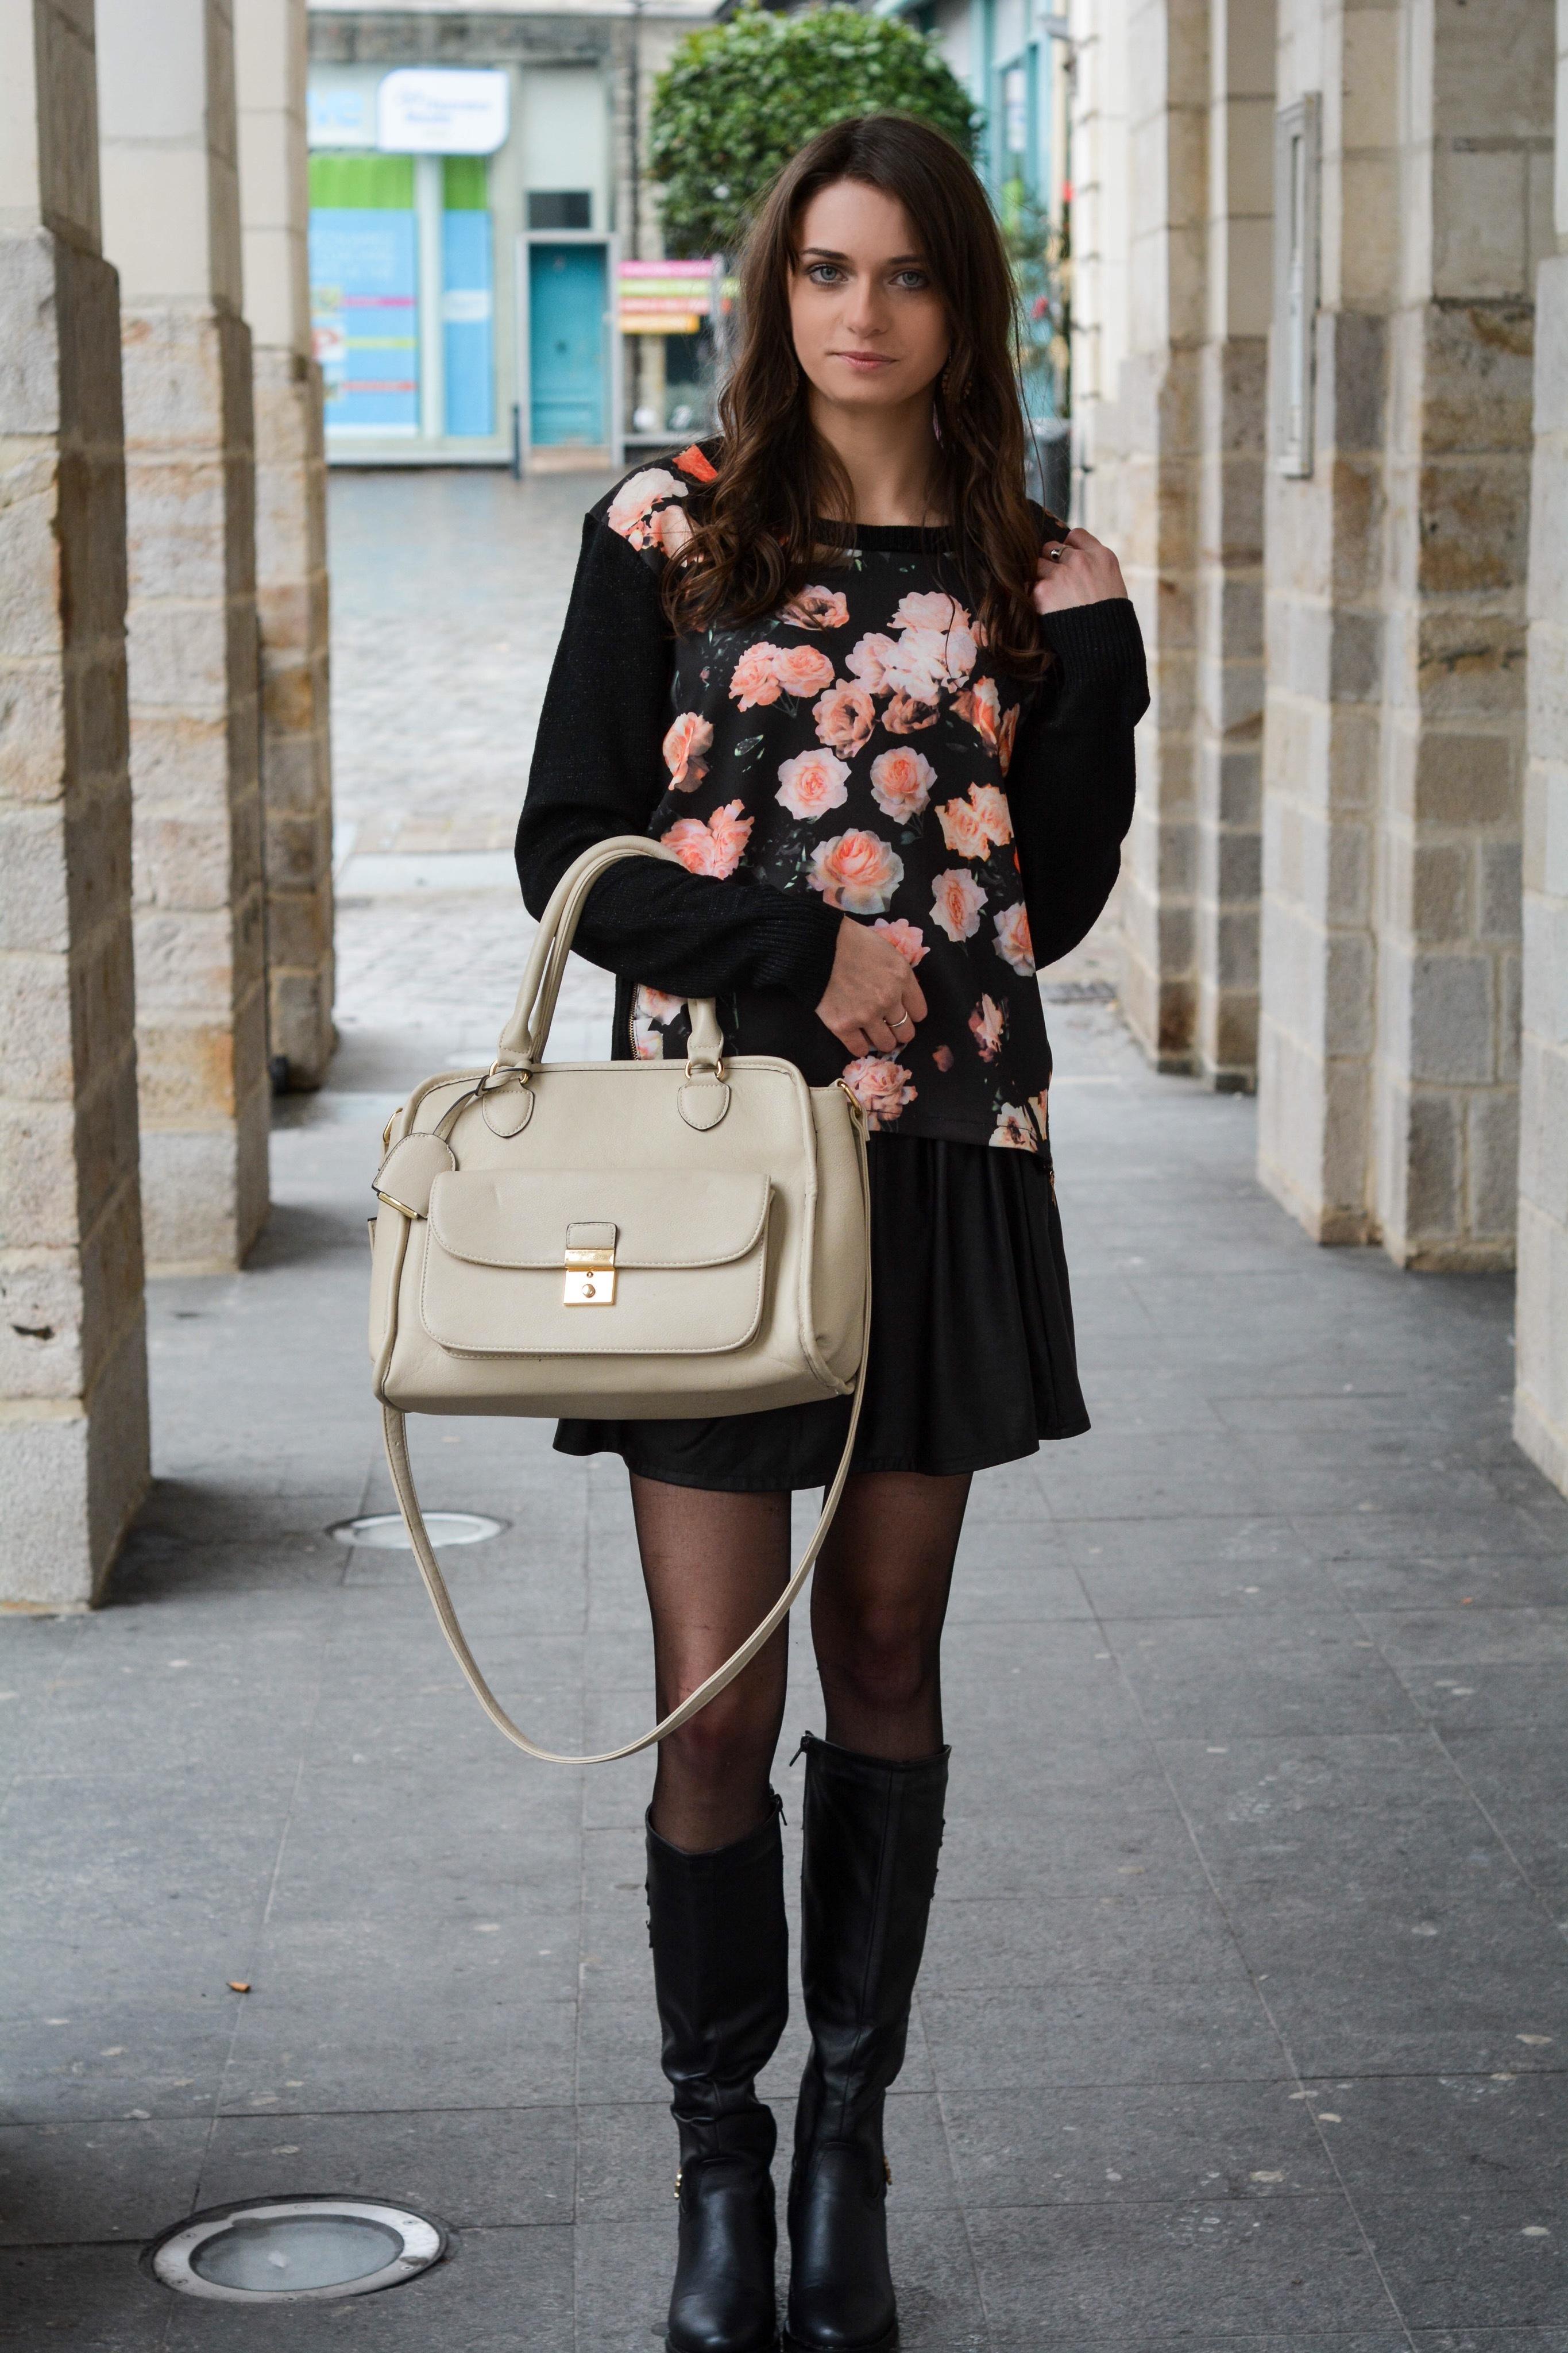 Berühmt Women's Black Floral Crew-neck Sweater, Black Skater Skirt, Black  XD86